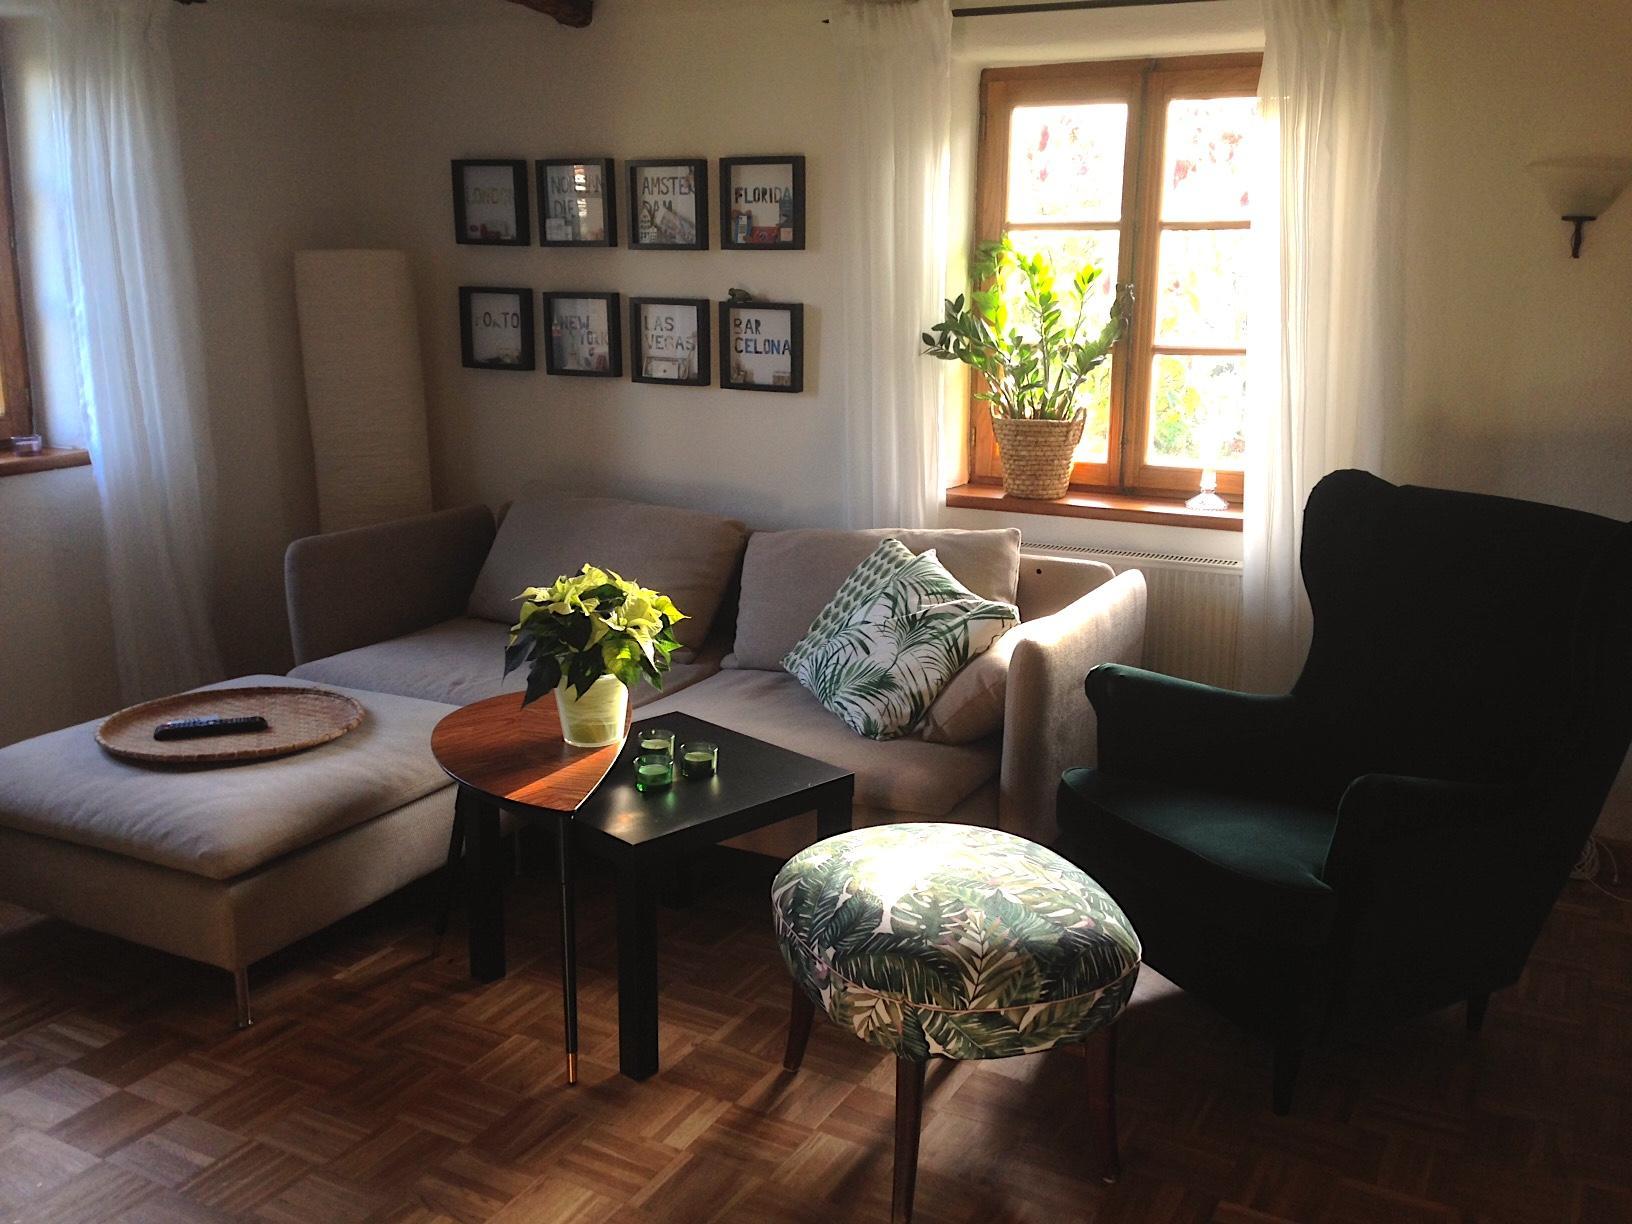 fachwerk ? bilder & ideen ? couchstyle - Fachwerk Wohnzimmer Modern